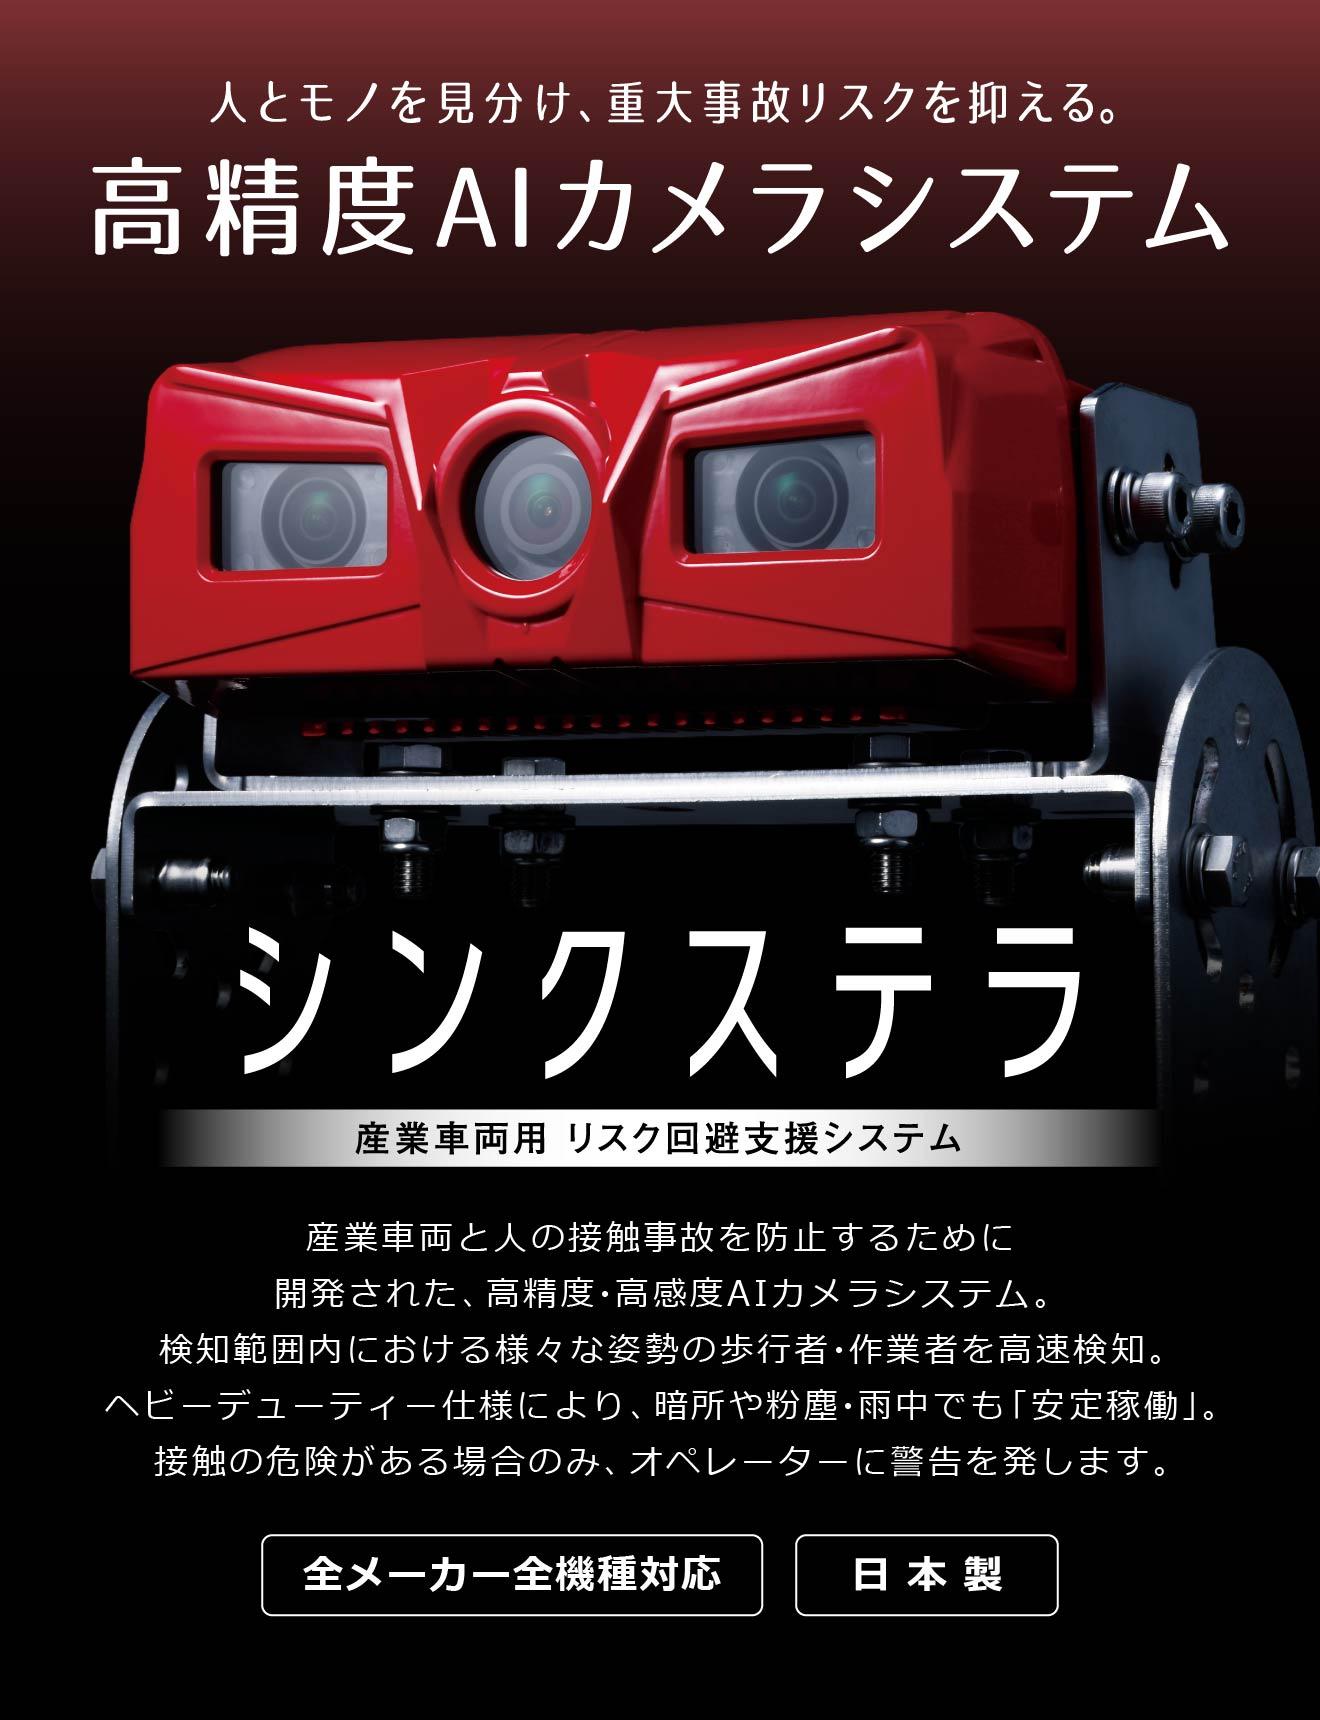 高精度AIカメラシステム シンクステラ